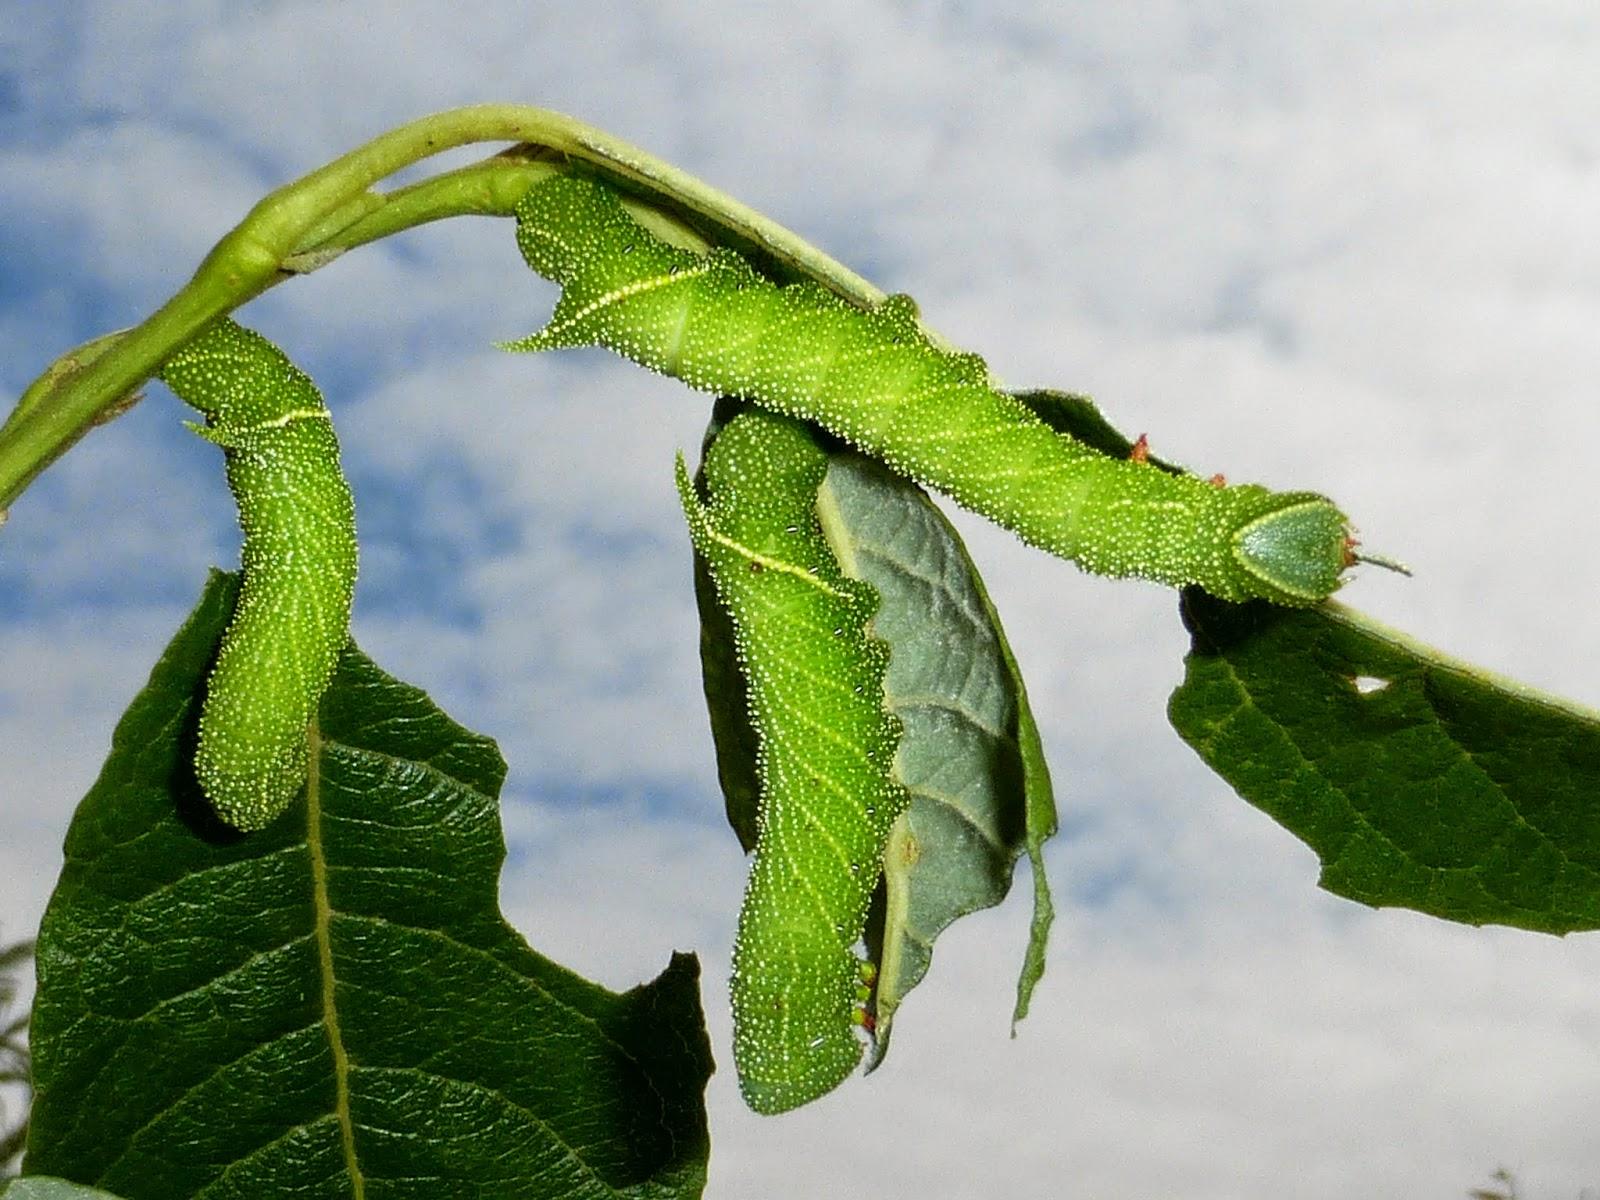 Paonias excaecatus caterpillar L3